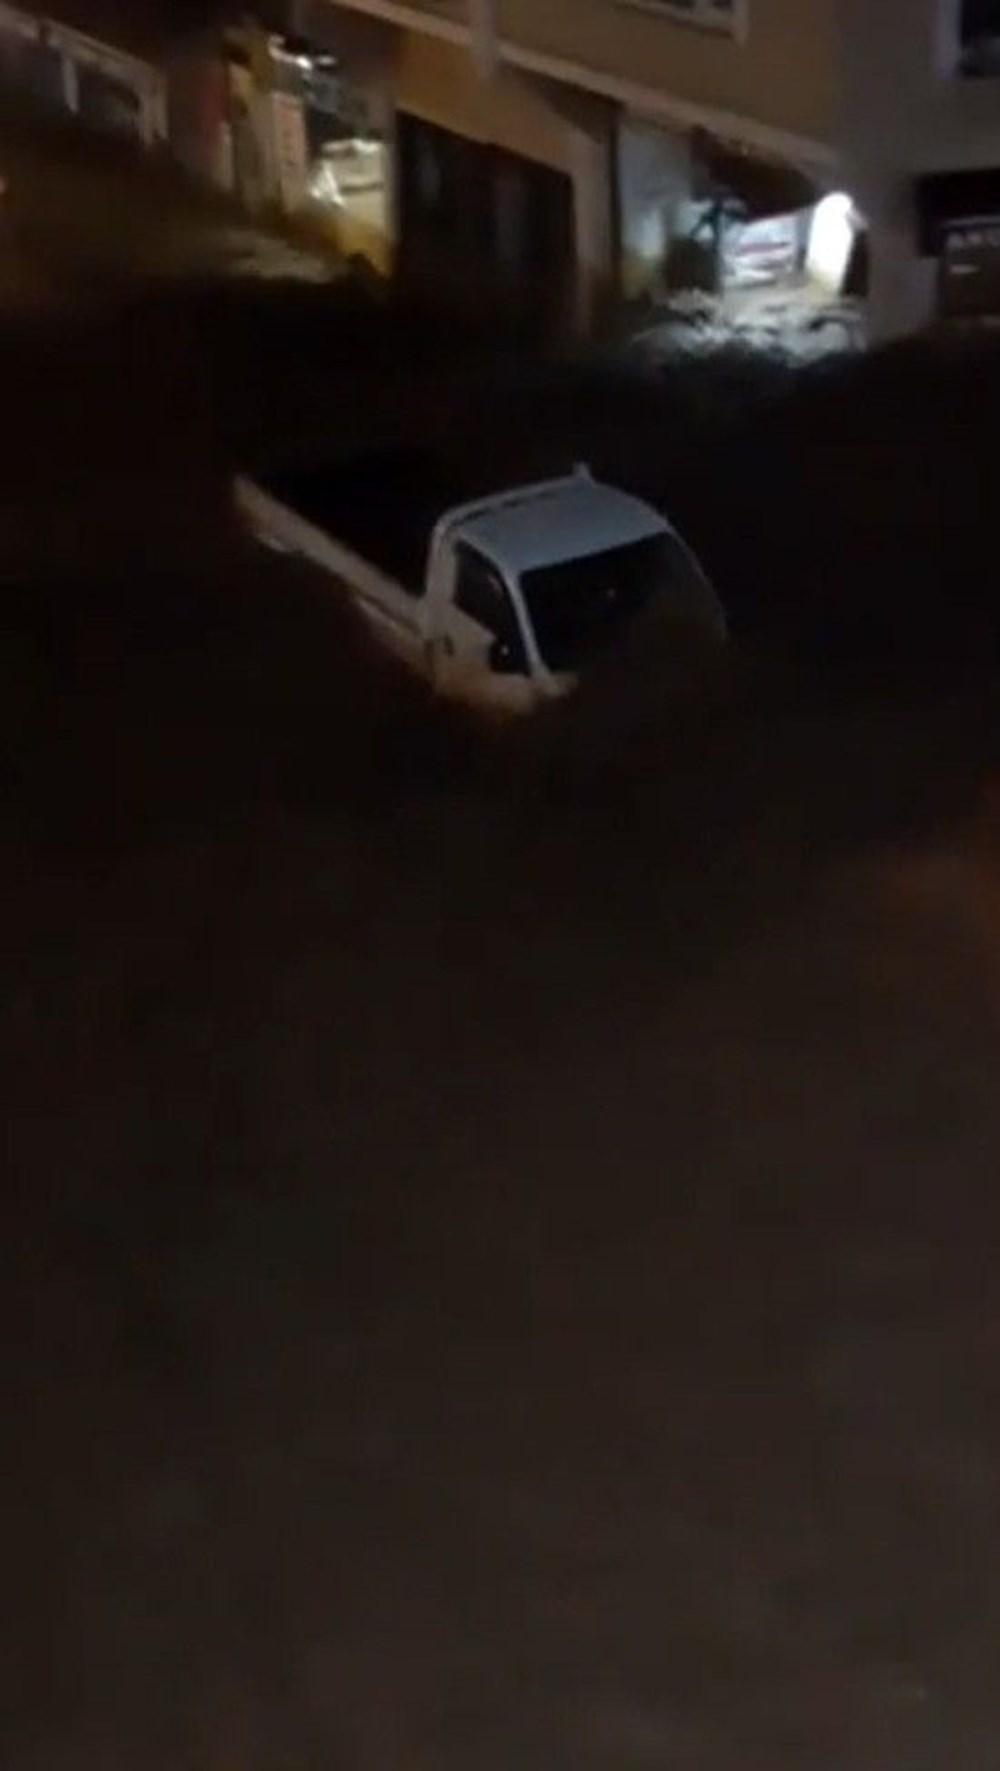 Giresun'u sel vurdu: 3 kişi hayatını kaybetti - 13